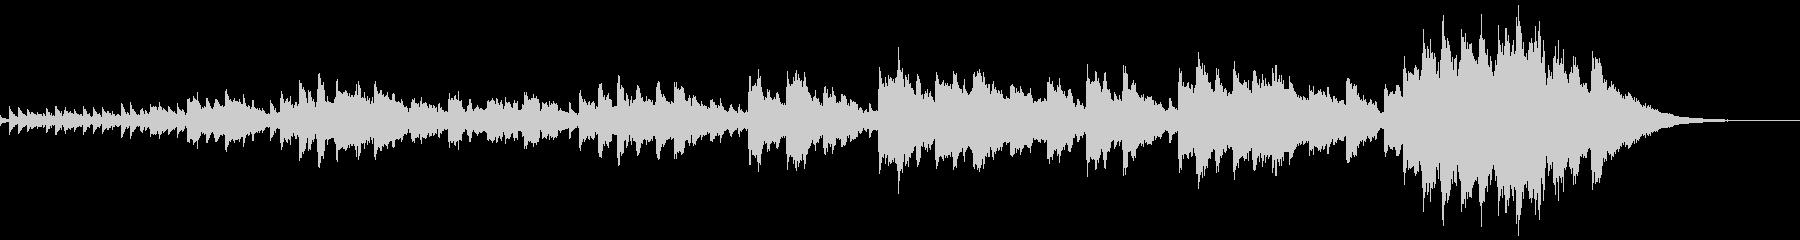 Piano_Meranchoricの未再生の波形